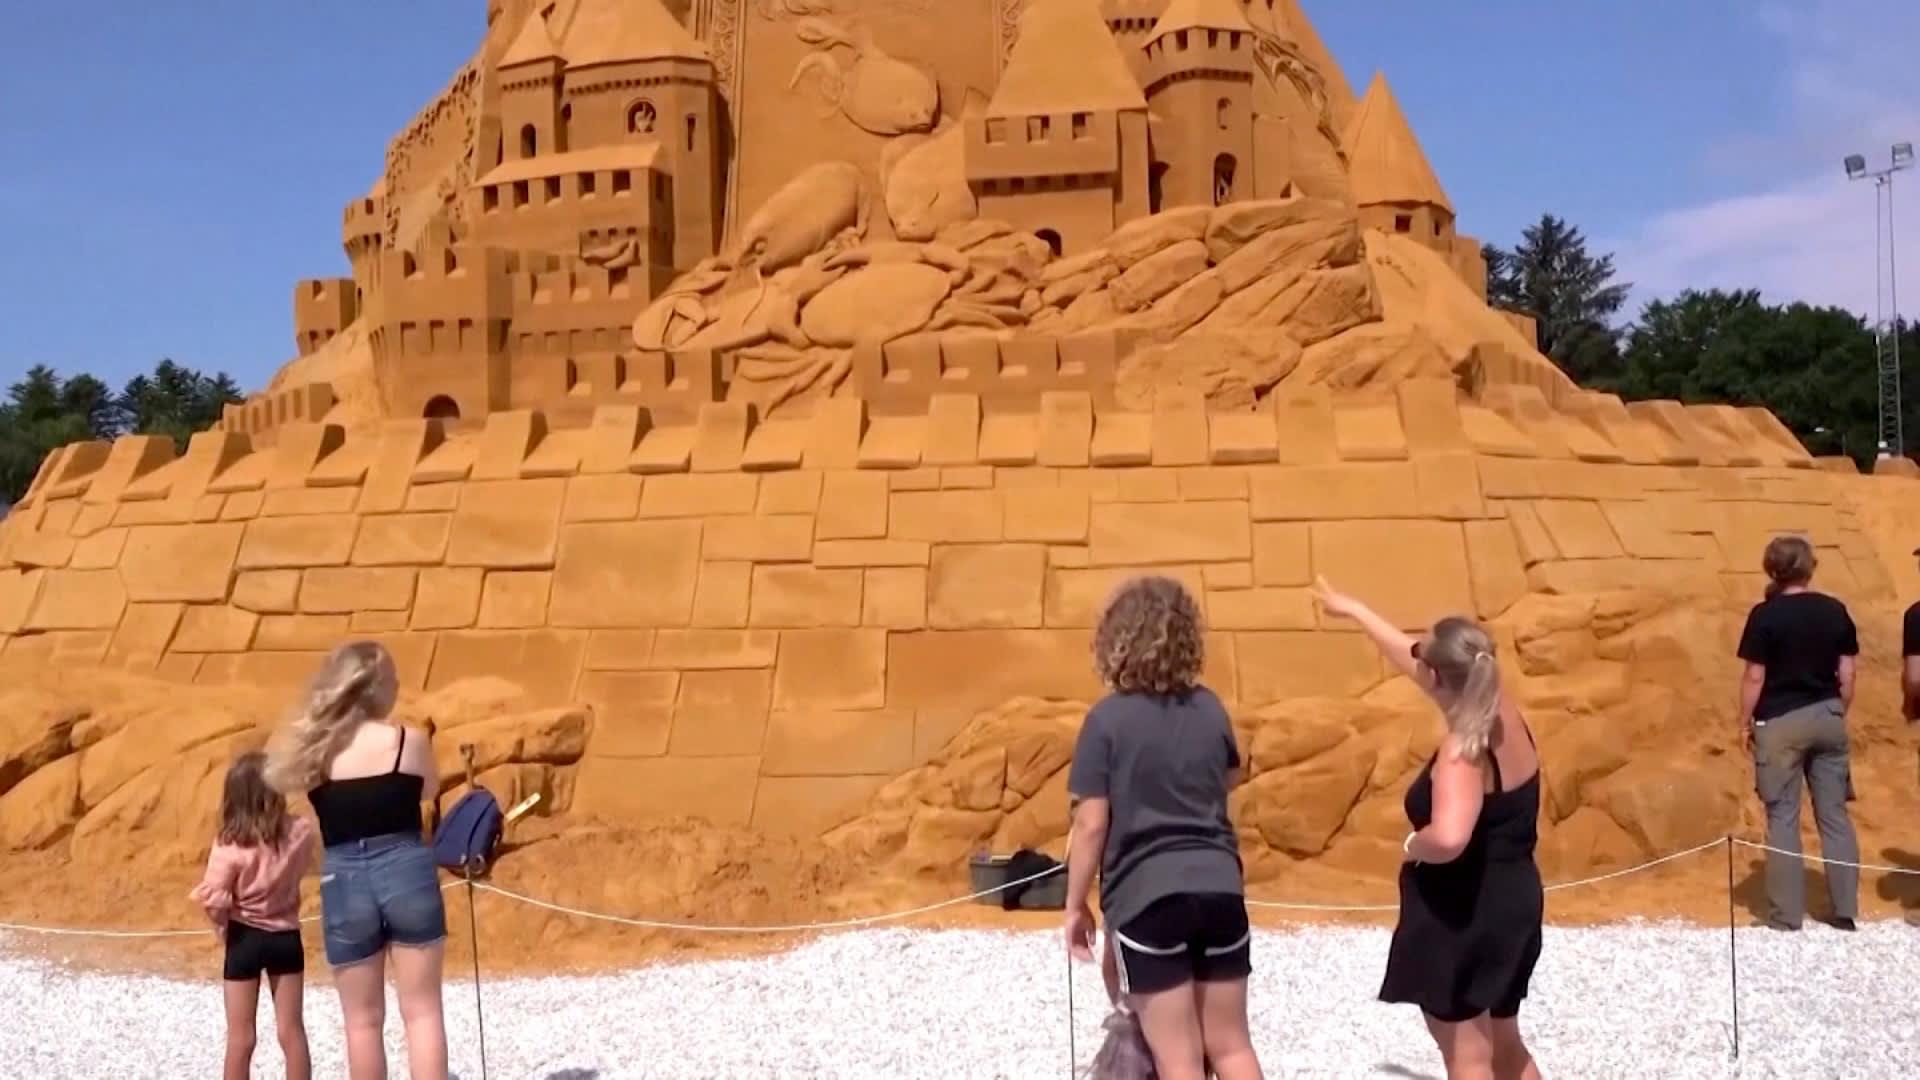 قلعة من الرمال في الدنمارك قد تكون الأطول في العالم